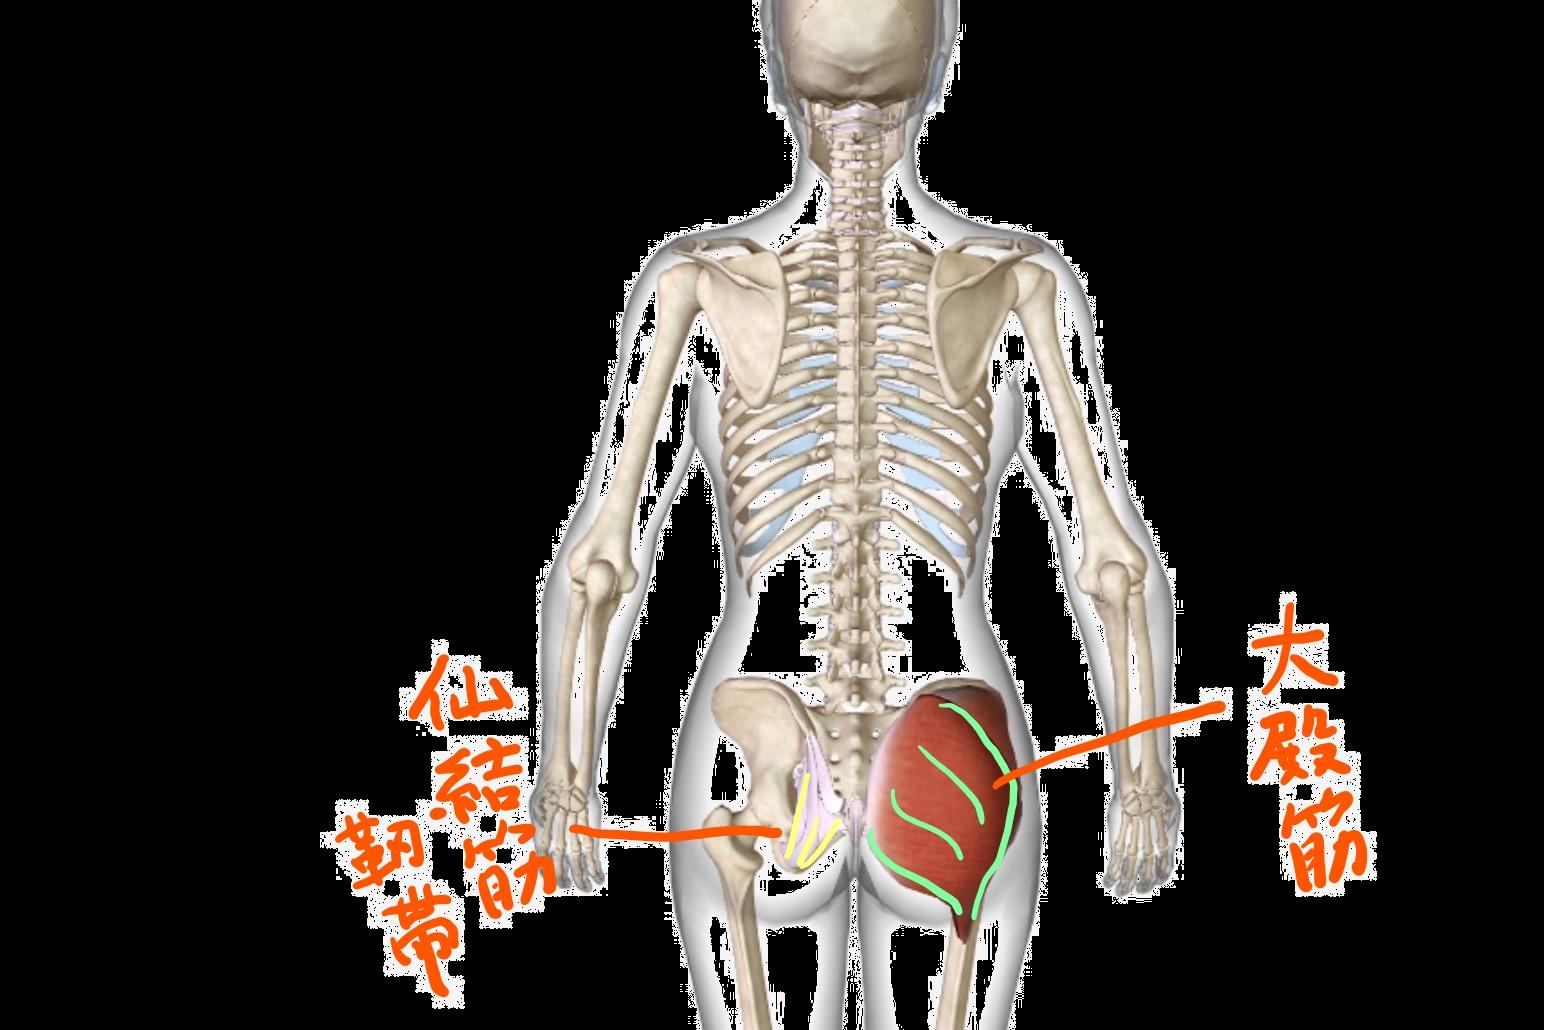 骨盤ケアで出会う謎の存在と筋膜リリース